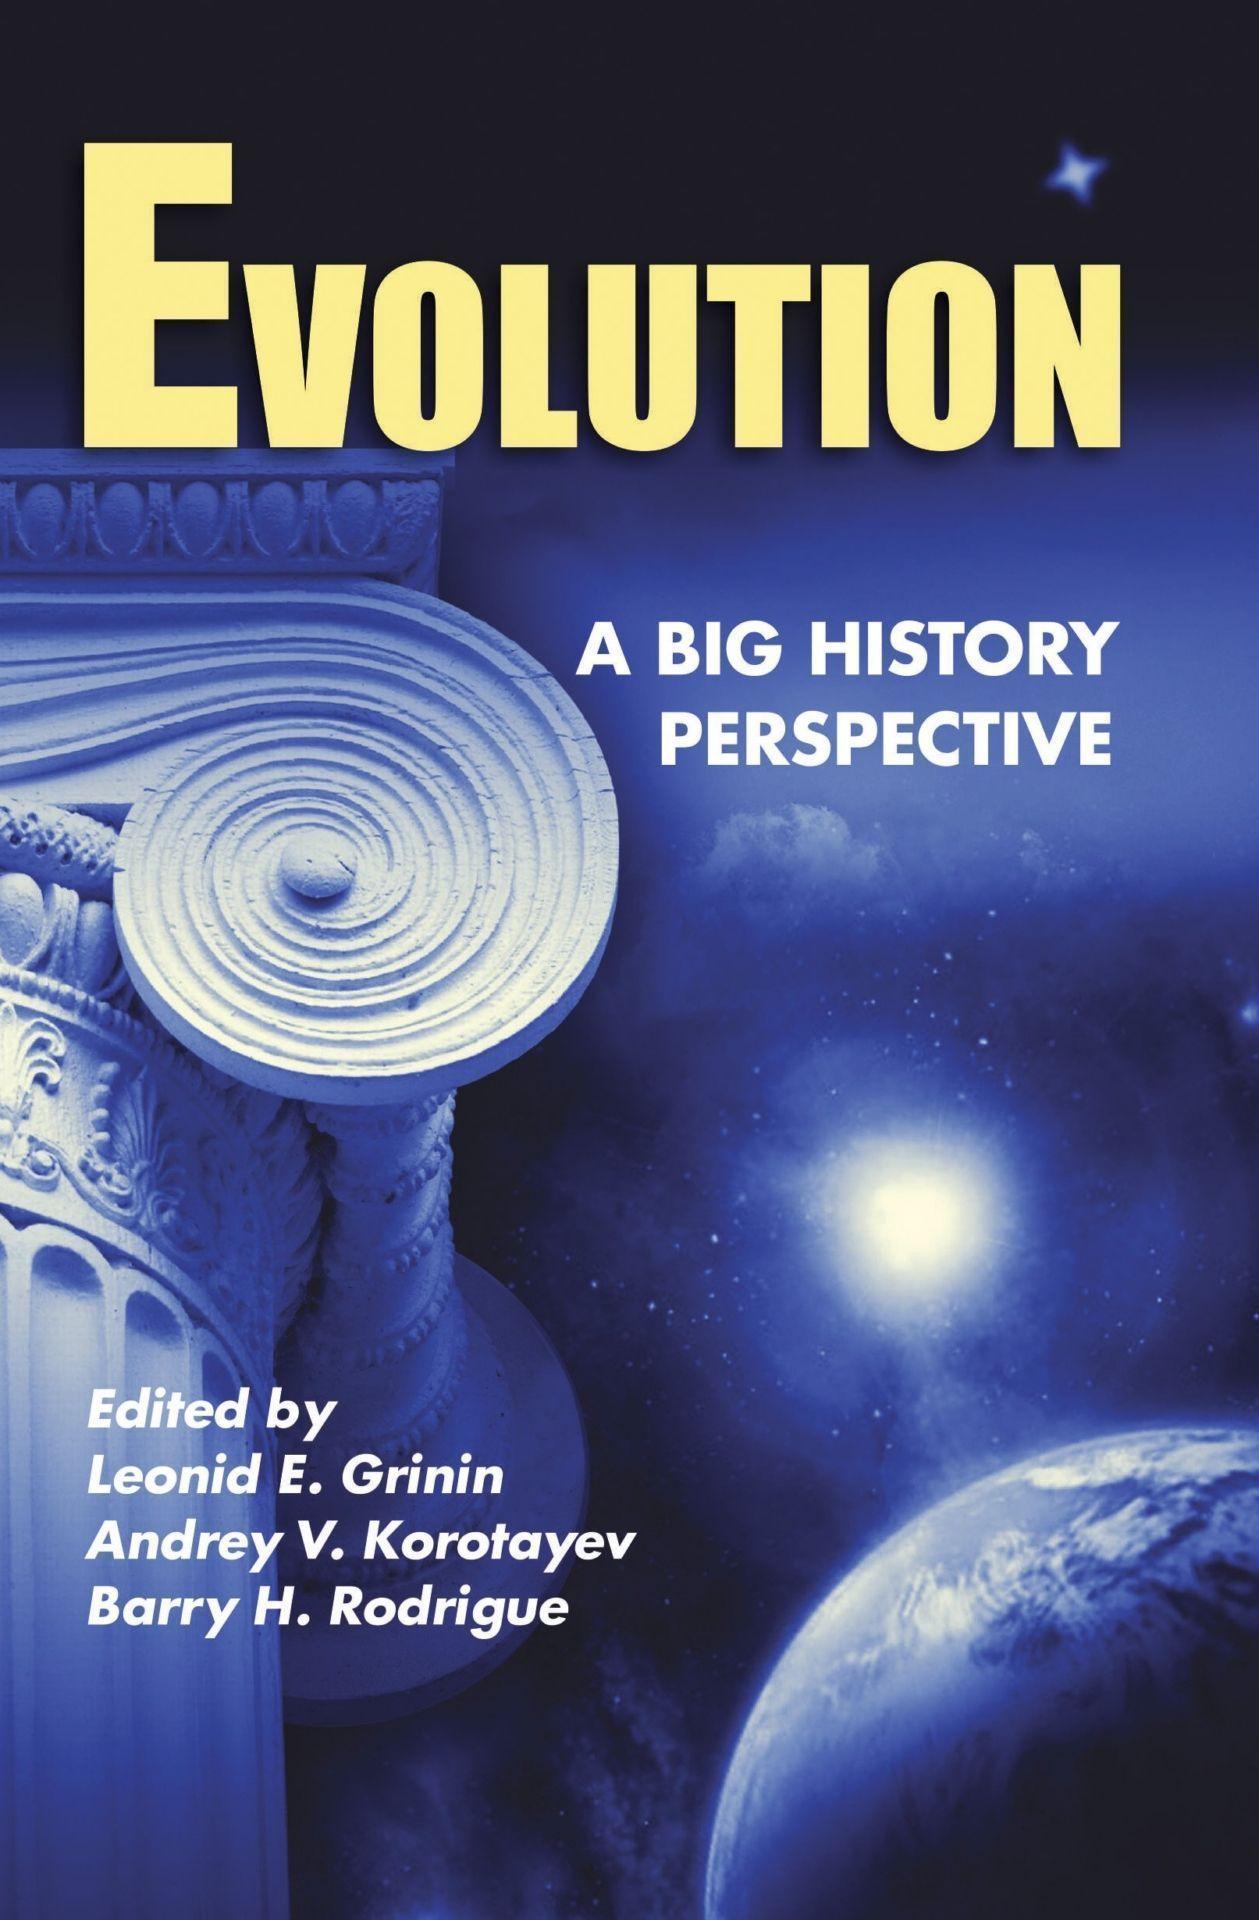 Evolution: A Big History Perspective (Эволюция: Универсальная история. Альманах на английском языке)Альманахи<br>Стремительно глобализирующийся мир требует глобального знания и глобального видения. По этой причине идеи универсальной или мегаистории, которая охватывает весь период существования вселенной от Большого взрыва до существующего сегодня взаимодействия люде...<br><br>Авторы: Grinin Leonid, Korotayev Andrey, Rodrigue Barry<br>Год: 2011<br>Серия: Для студентов и преподавателей<br>ISBN: 978-5-7057-2905-0<br>Высота: 210<br>Ширина: 140<br>Толщина: 13<br>Переплёт: мягкая, склейка